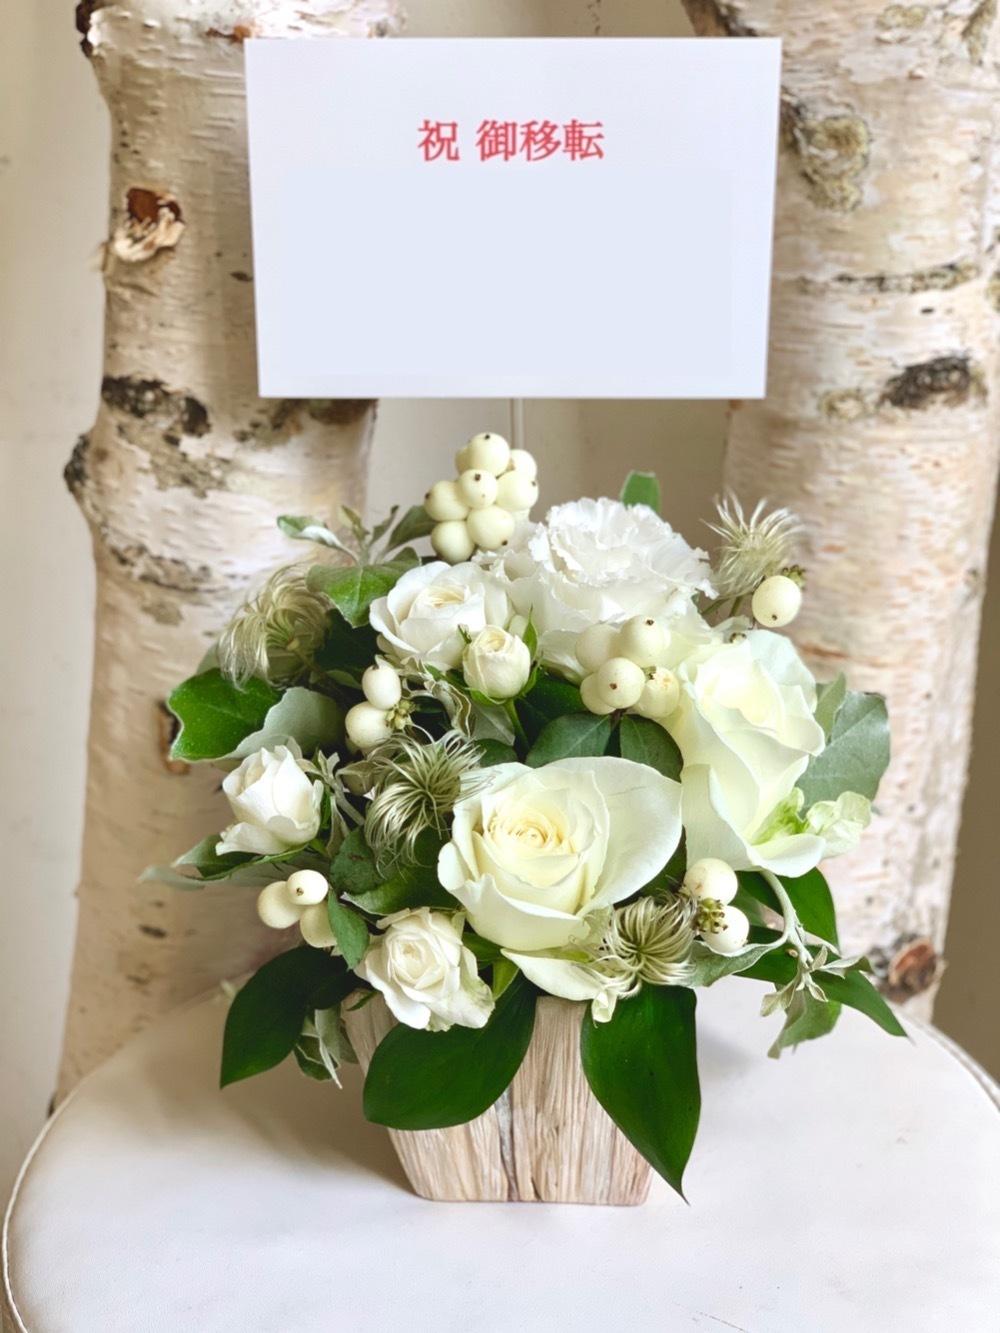 ご移転祝いの上品な祝い花